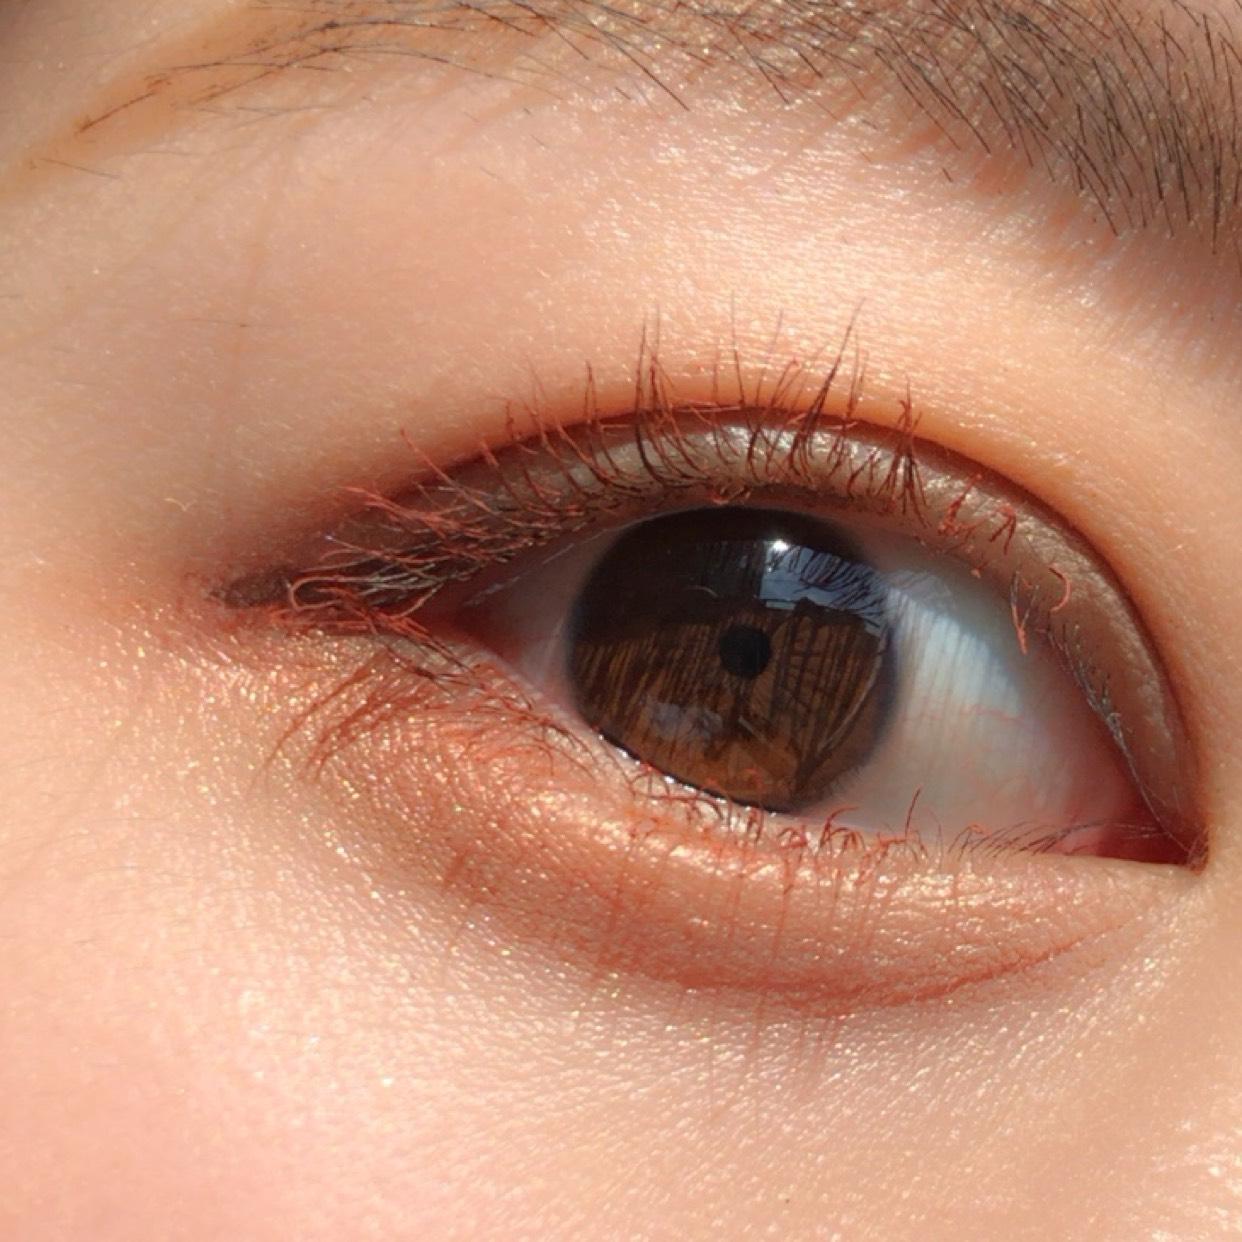 【簡単!即マネ可能】韓国コスメ♡愛らしいブラウンメイクのAfter画像